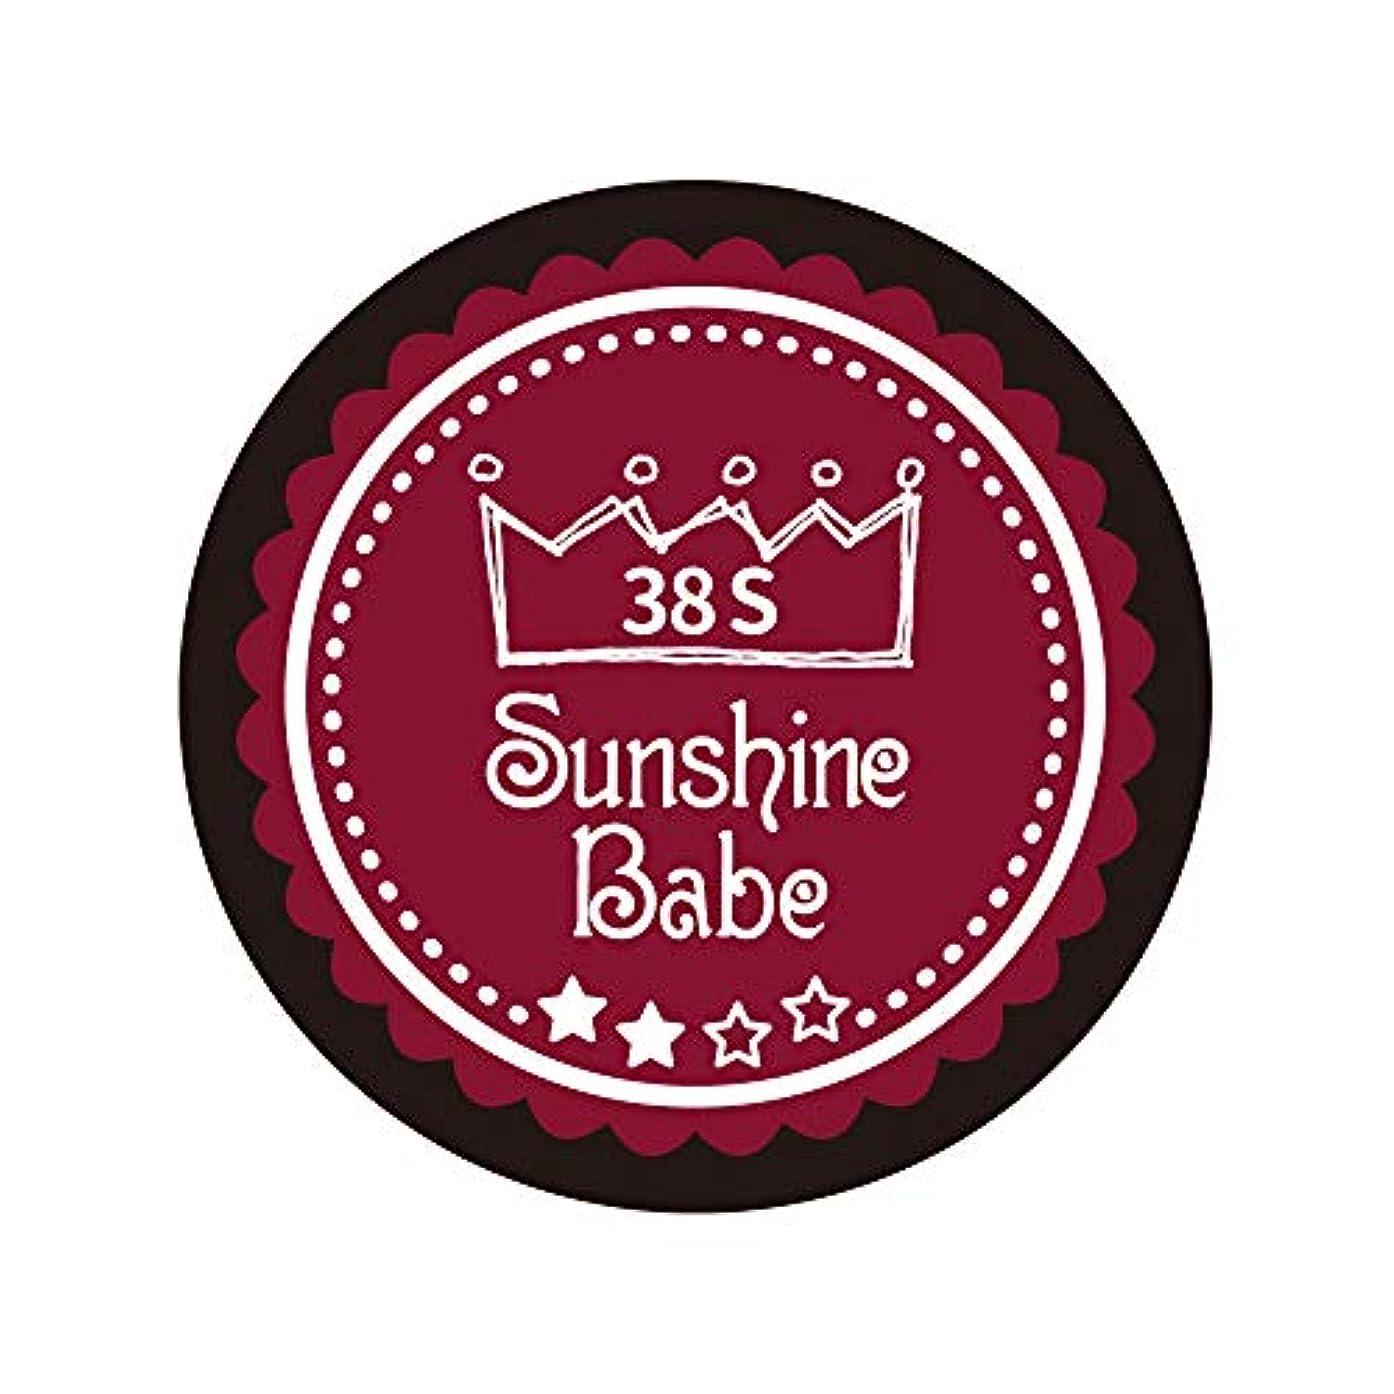 証書衝撃質量Sunshine Babe カラージェル 38S レッドペア 2.7g UV/LED対応